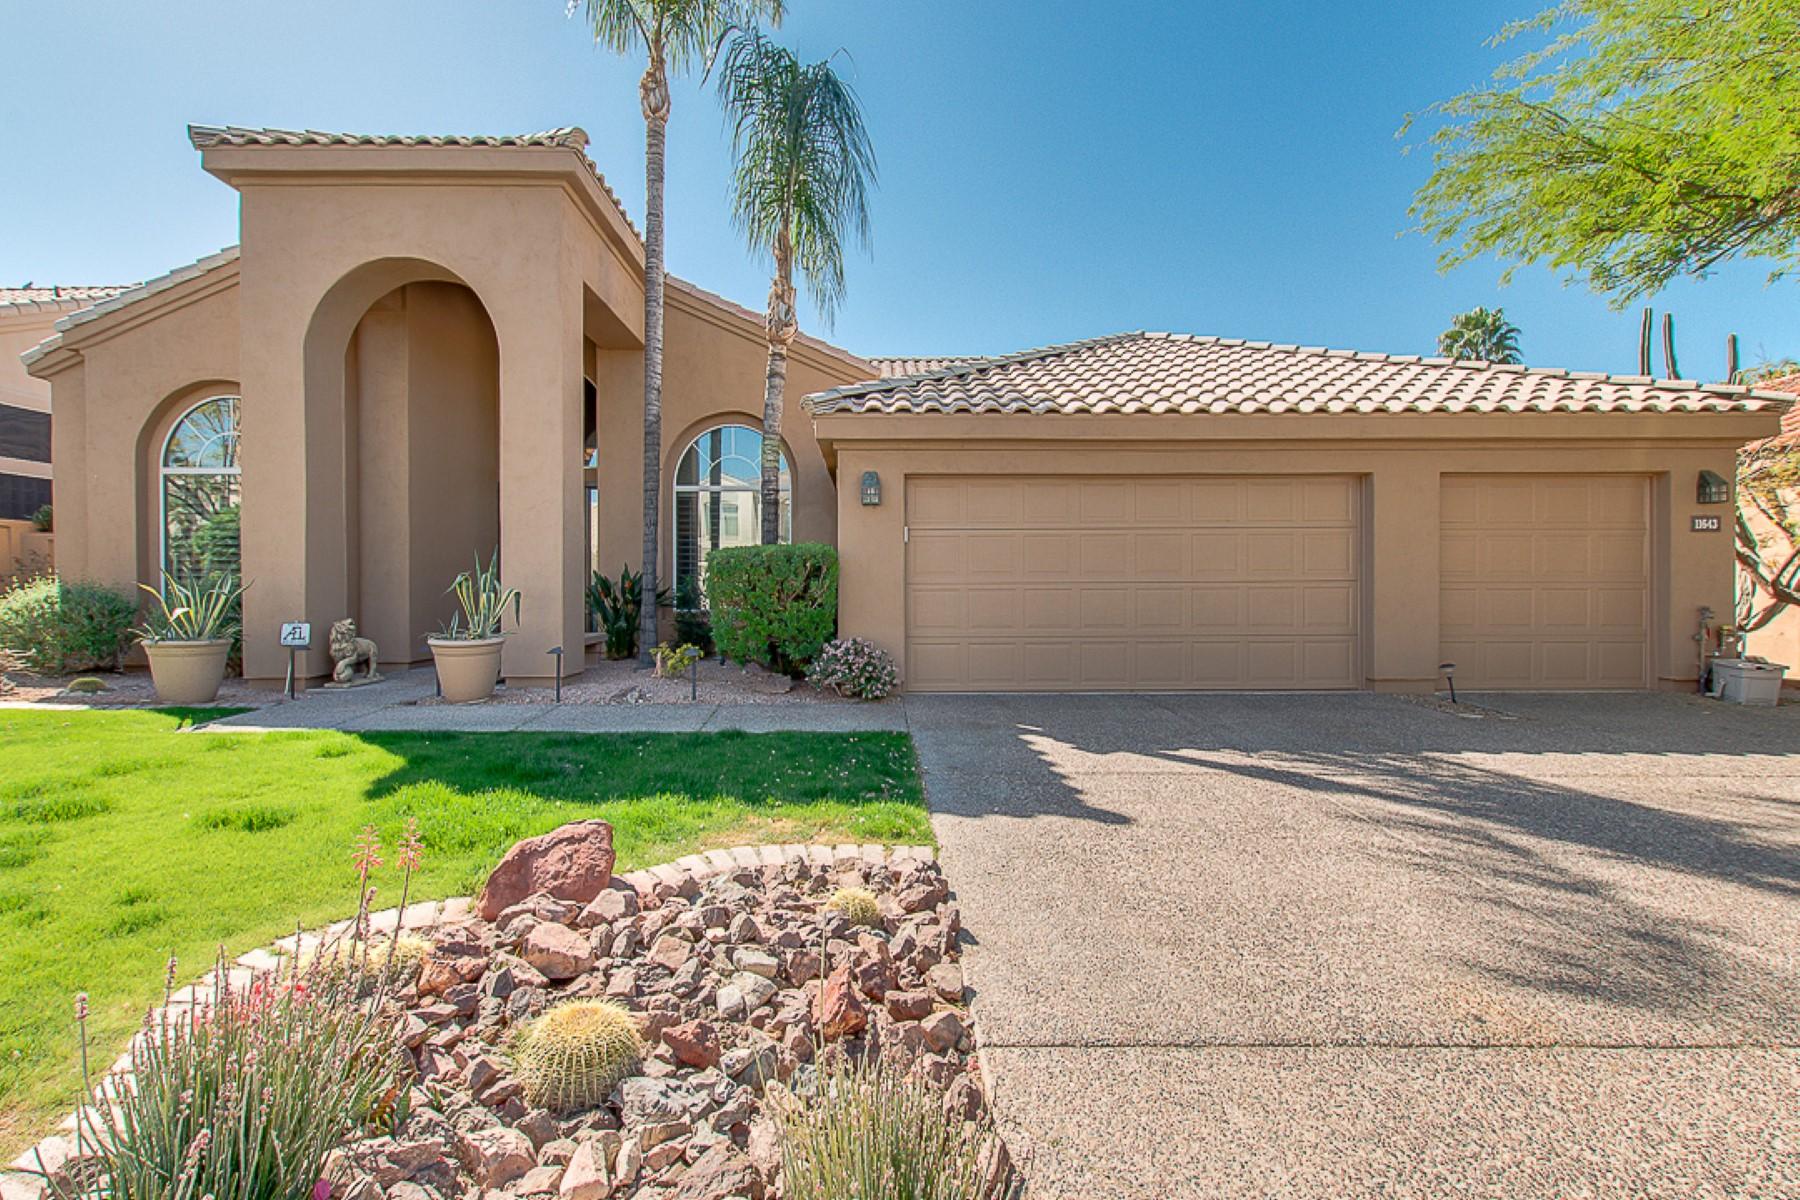 一戸建て のために 売買 アット Stunning remodel home in Stonegate 11643 E Appaloosa Pl Scottsdale, アリゾナ, 85259 アメリカ合衆国